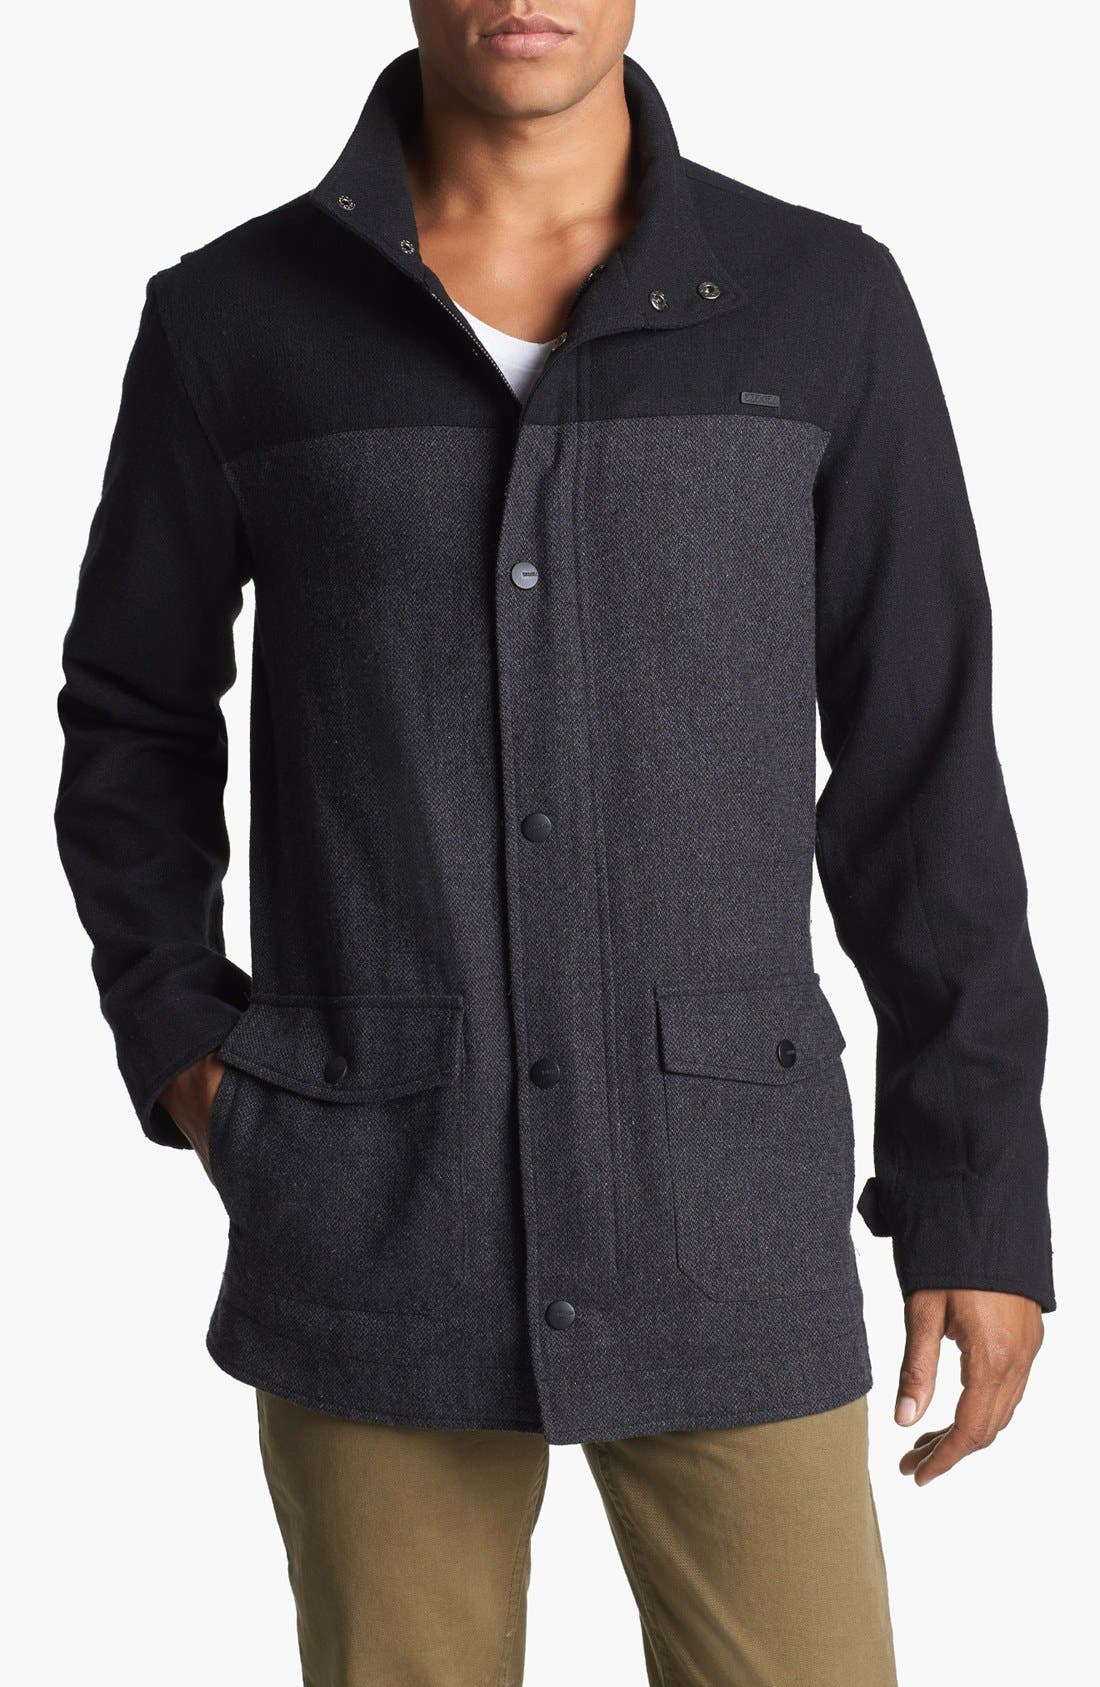 Main Image - Ezekiel 'Overhaul' Wool Jacket